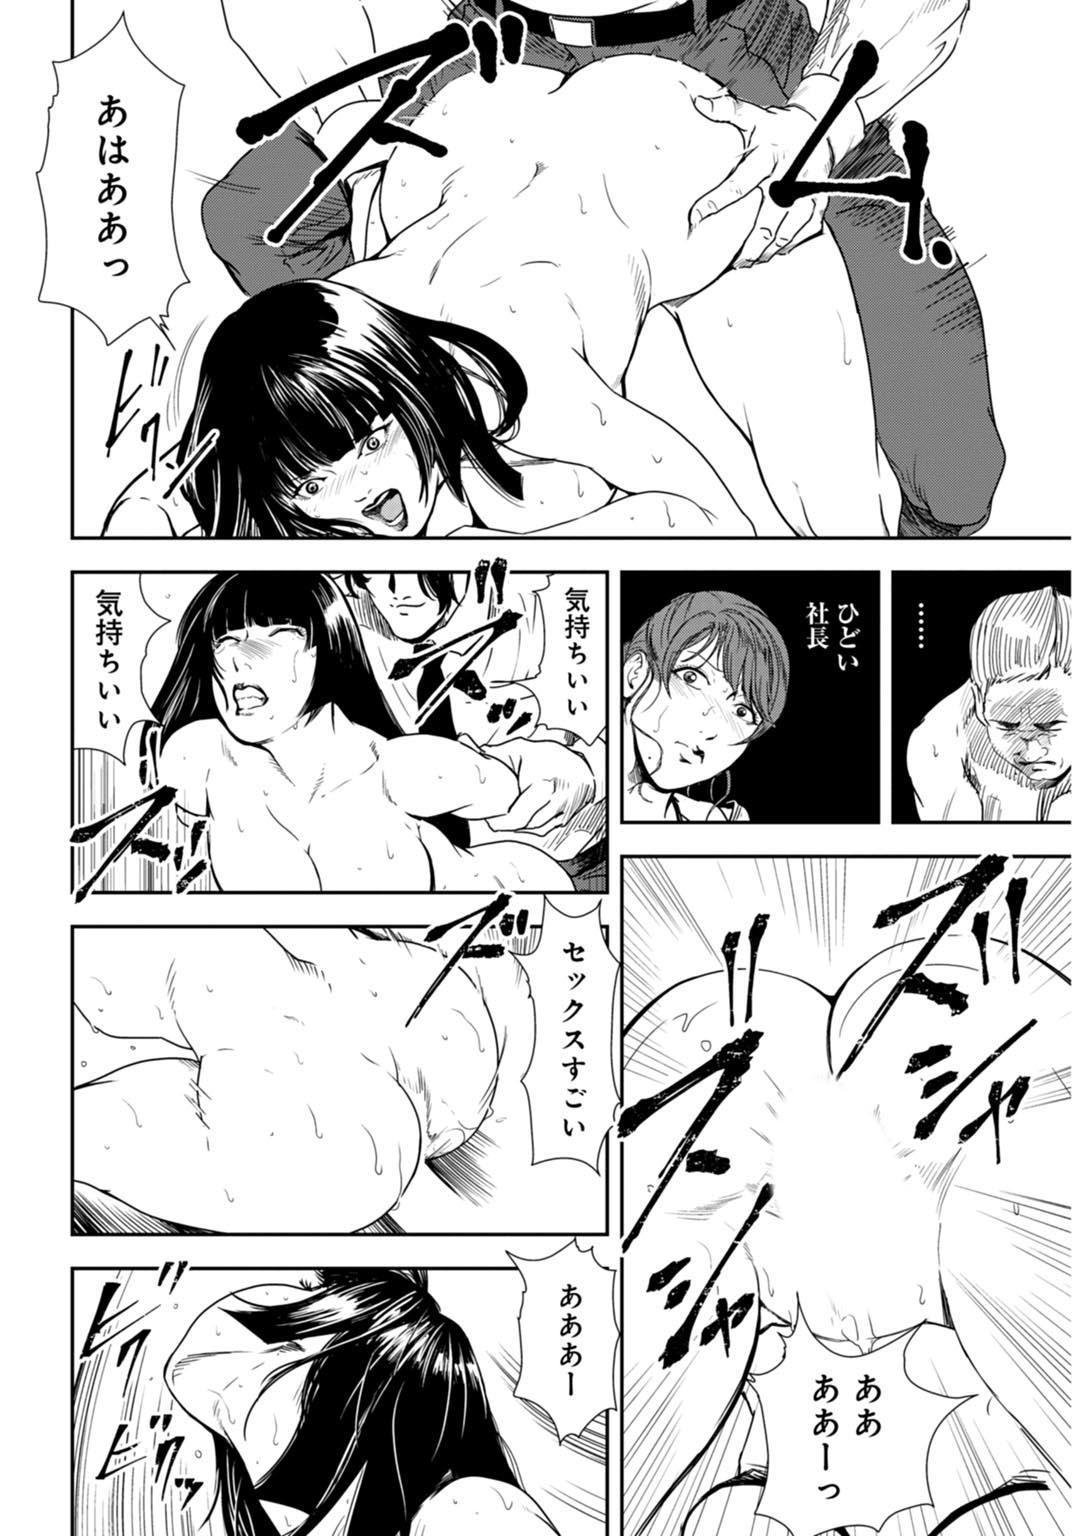 Nikuhisyo Yukiko 26 94